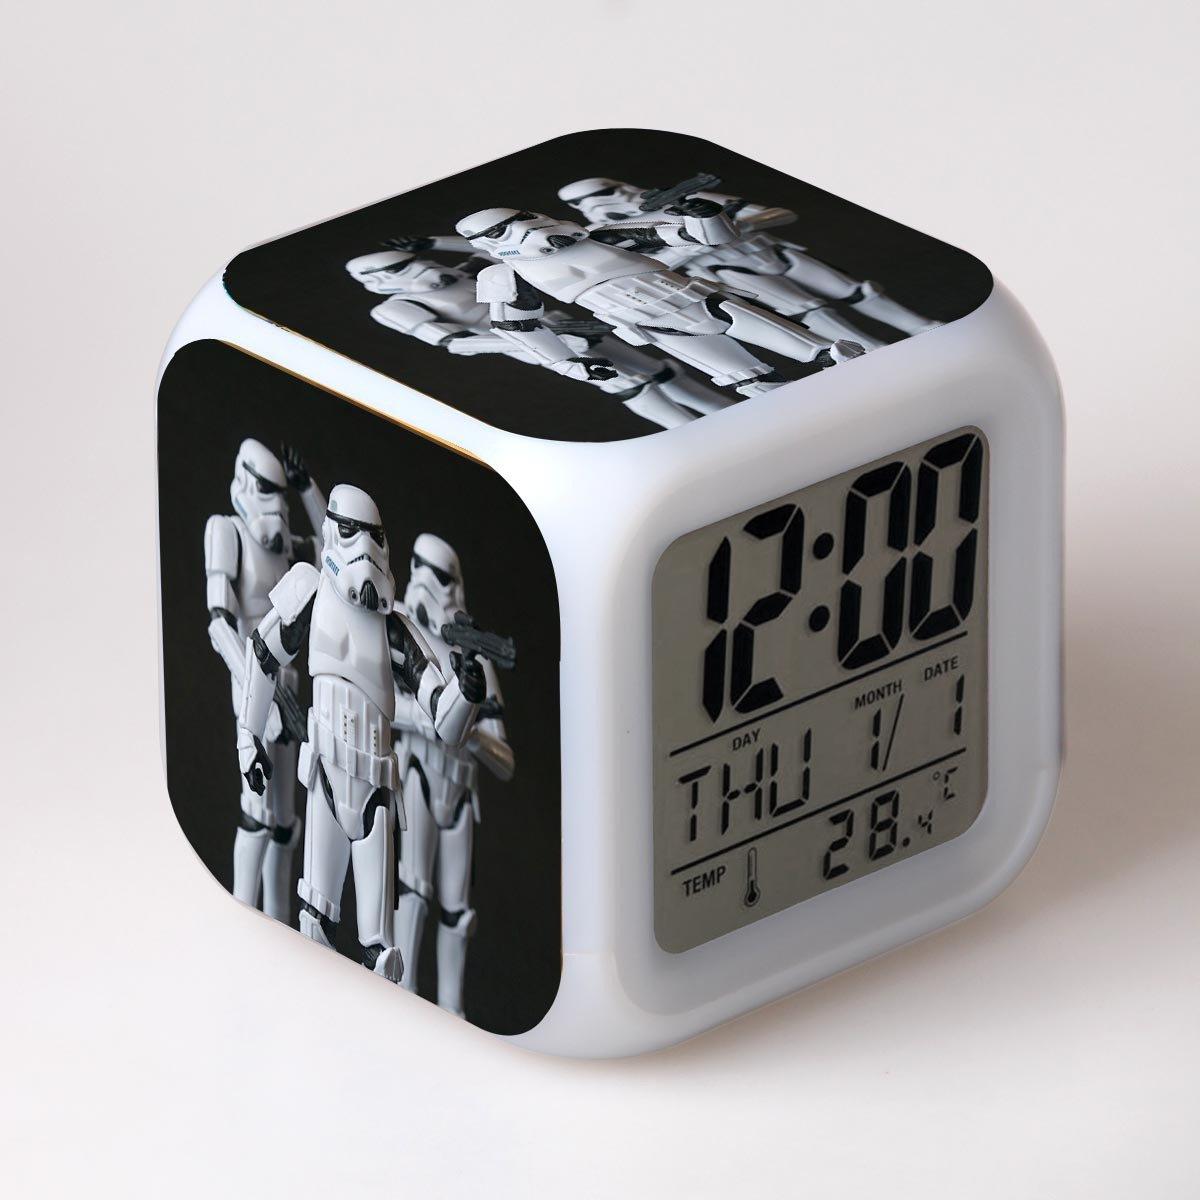 SXWY Sveglia Star Wars Digitale Colorful Lights Mood Alarm Clock Quartet Disponibile Ricarica USB Adatto A Bambini E Ragazzi Bambini Regali Speciali,8